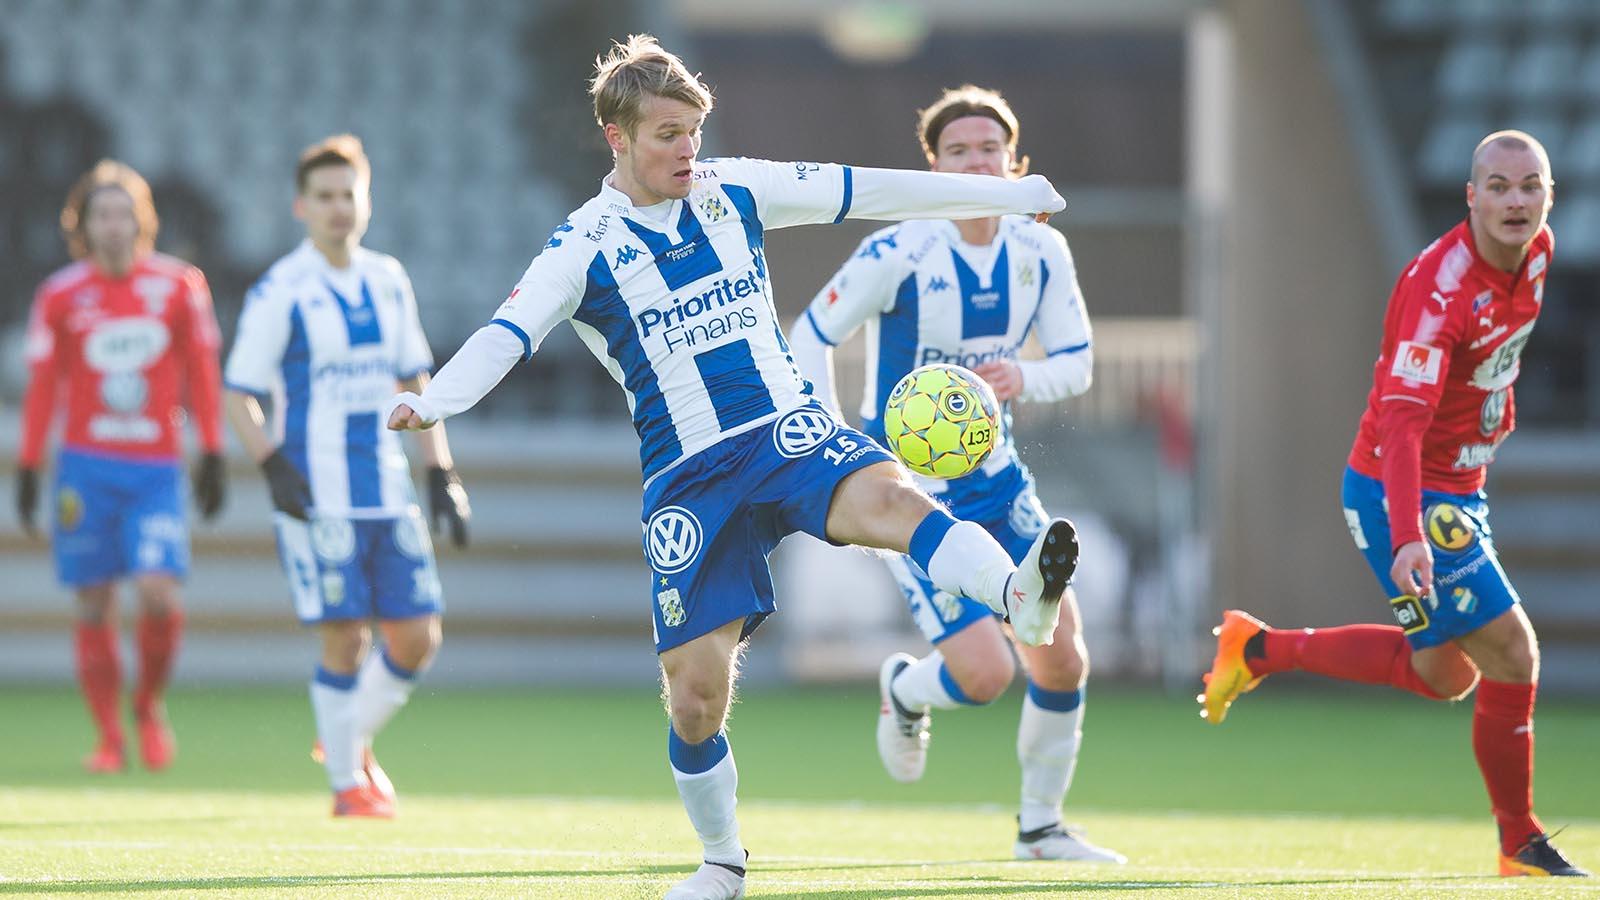 180224 IFK Göteborgs Mikael Ingebrigtsen under en fotbollsmatch i Svenska Cupen mellan IFK Göteborg och Öster den 24 februari 2018 i Göteborg. Foto: Michael Erichsen / BILDBYRÅN / Cop 89